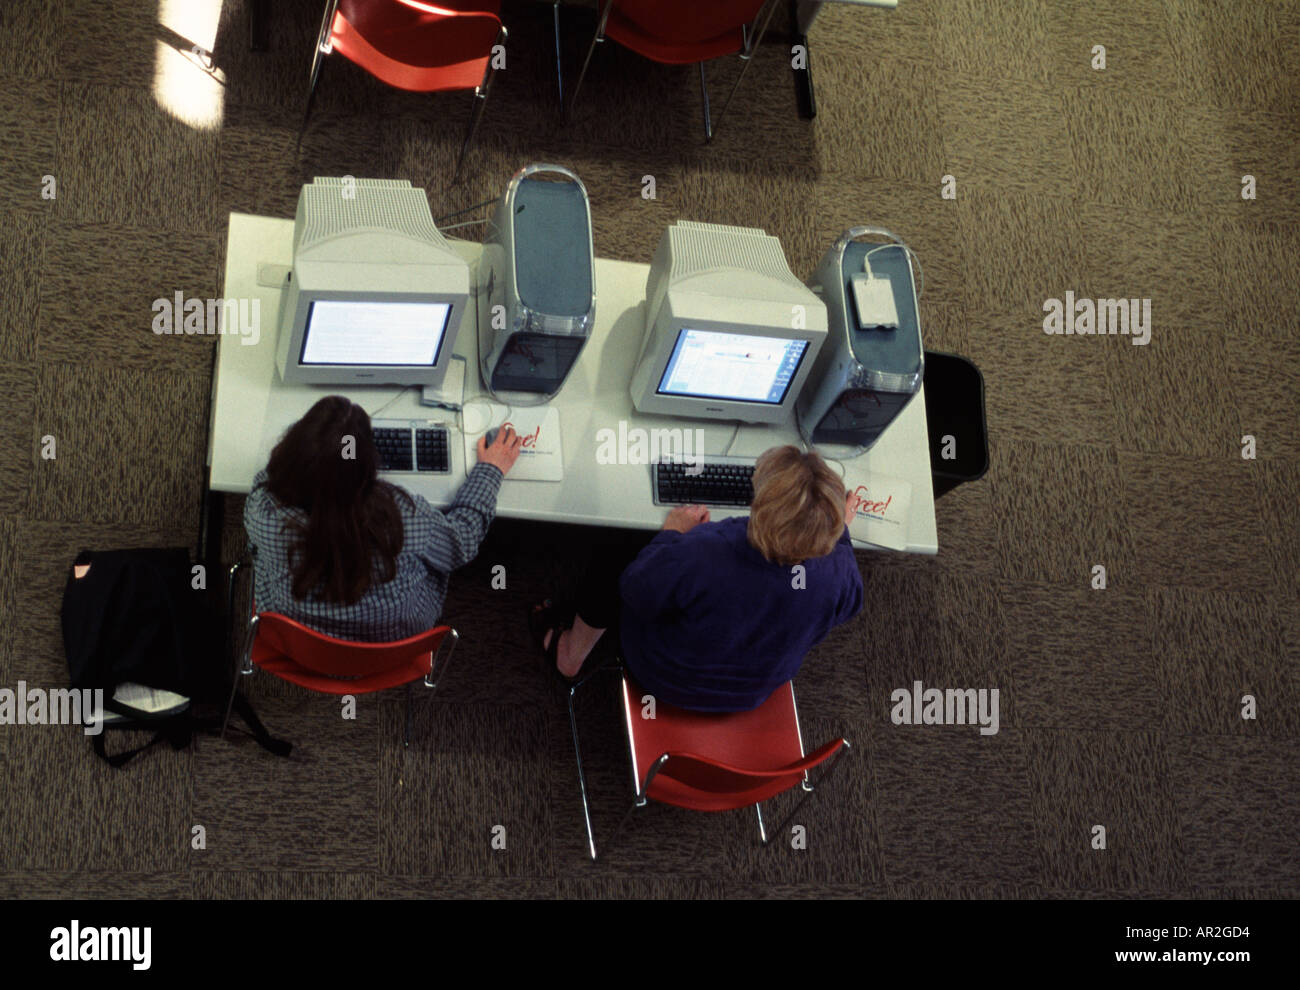 College-Studenten in Grafik-Design-Klasse bei den Computern. University of Nebraska in Lincoln, USA. Stockbild